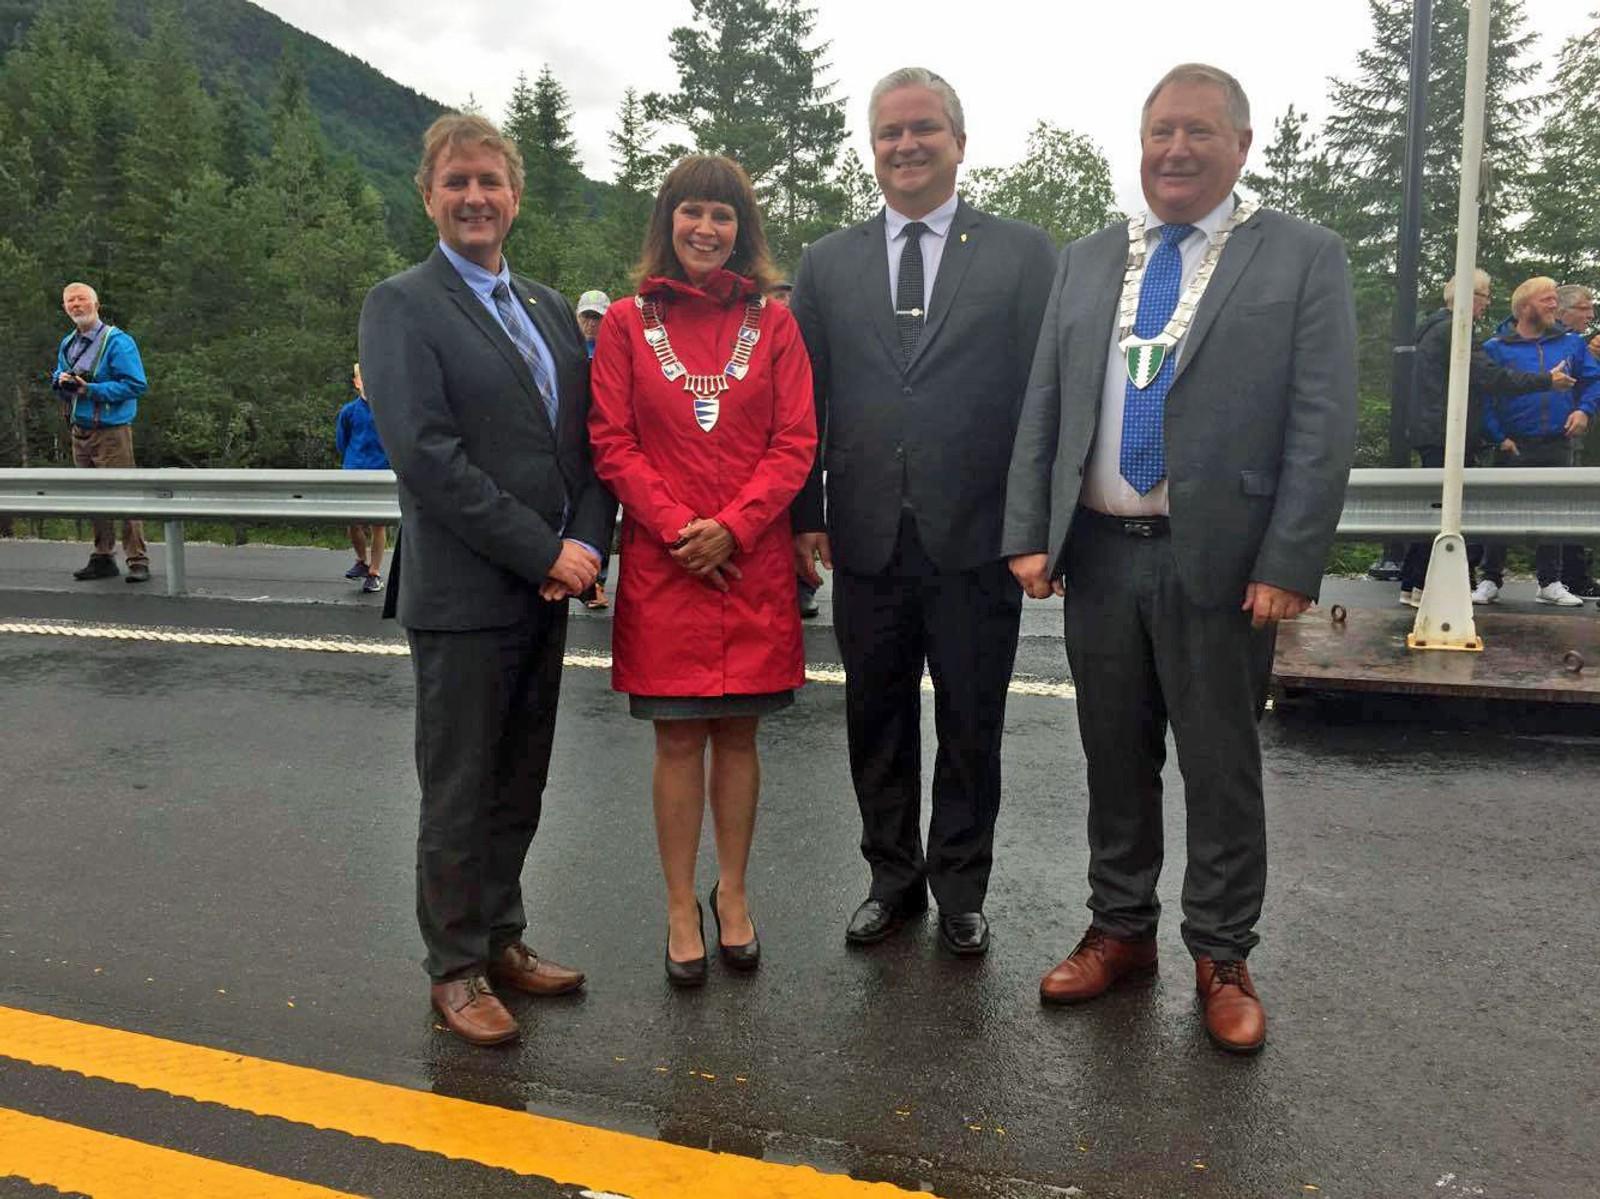 Regionvegsjef Helge Eidsnes, fylkesordførar Jenny Følling (Sp), statssekretær Tom Cato Carlsen og ordførar Mathias Råheim (H) stod for den offisielle opninga.